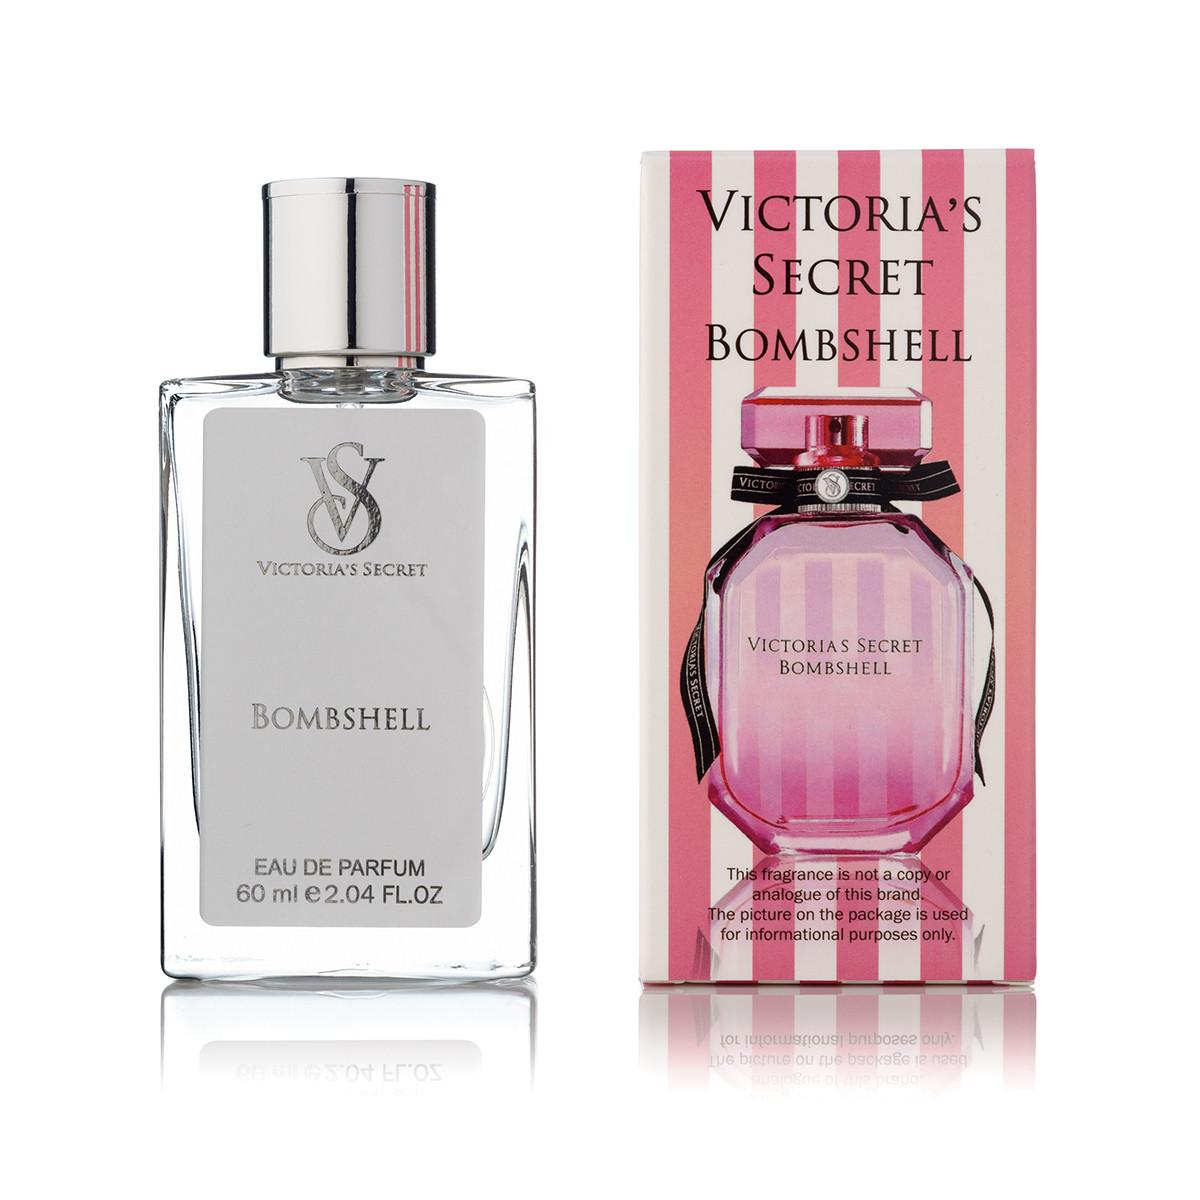 60 мл міні парфум Victoria Secret Bombshell - (Ж)